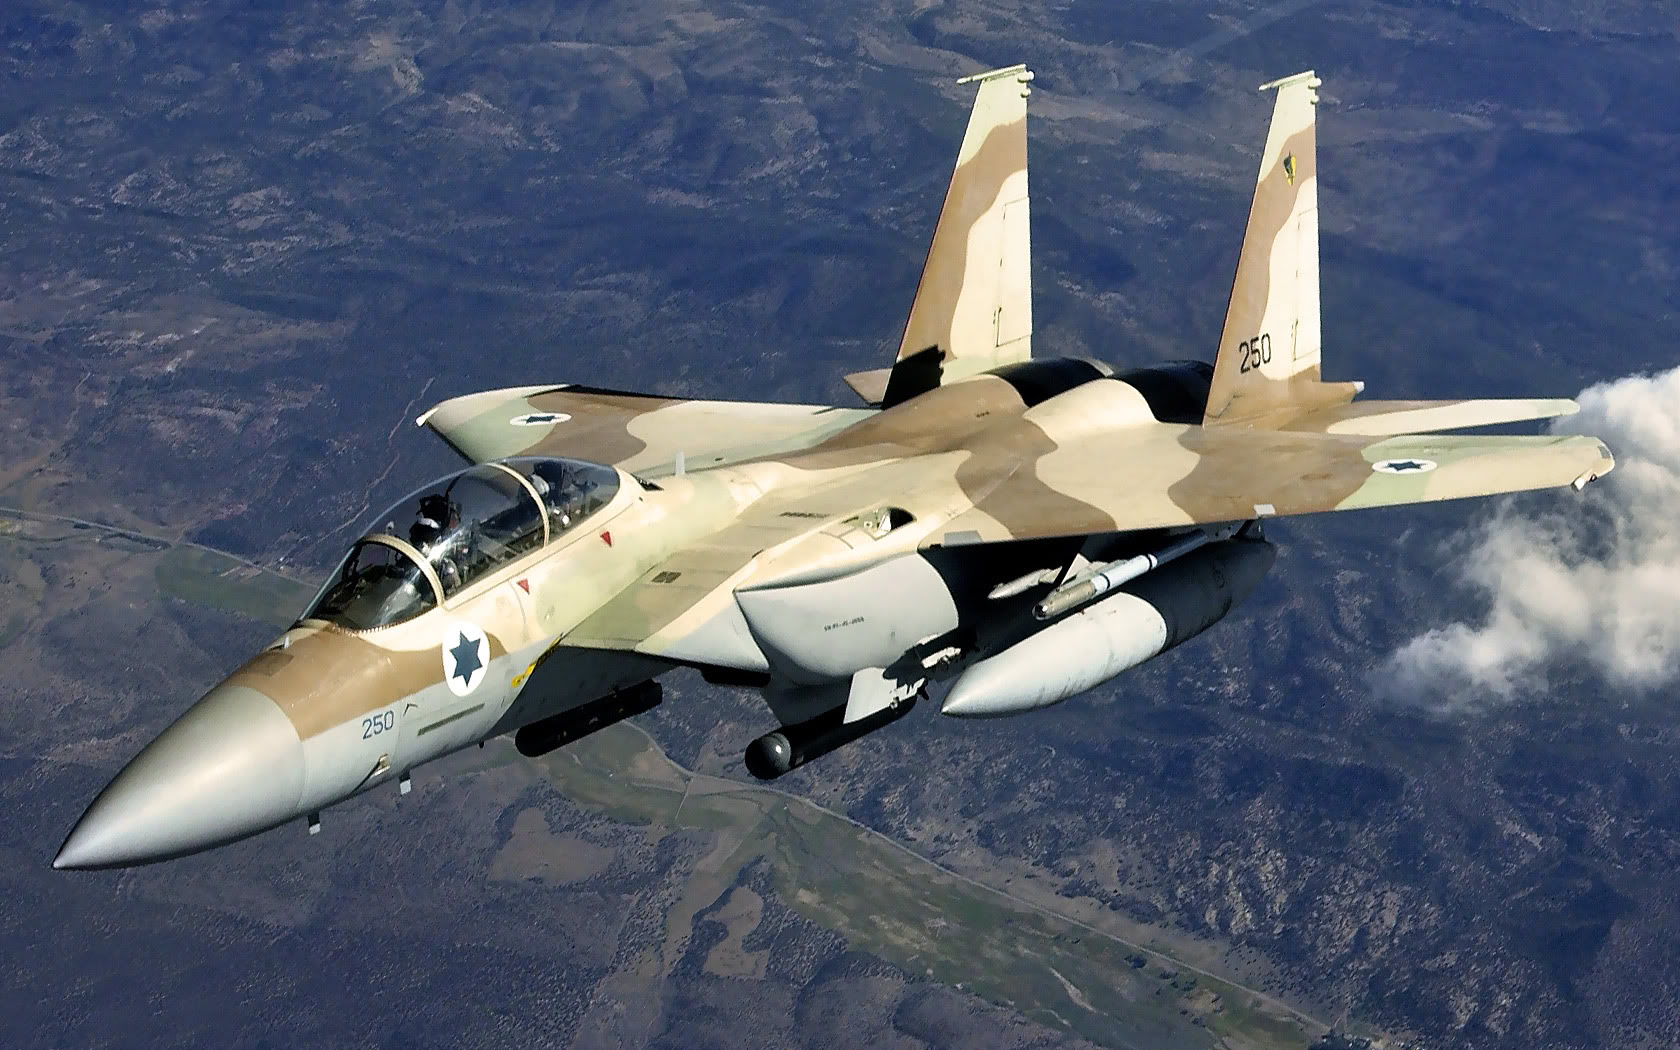 F15 Wallpaper - WallpaperSafari